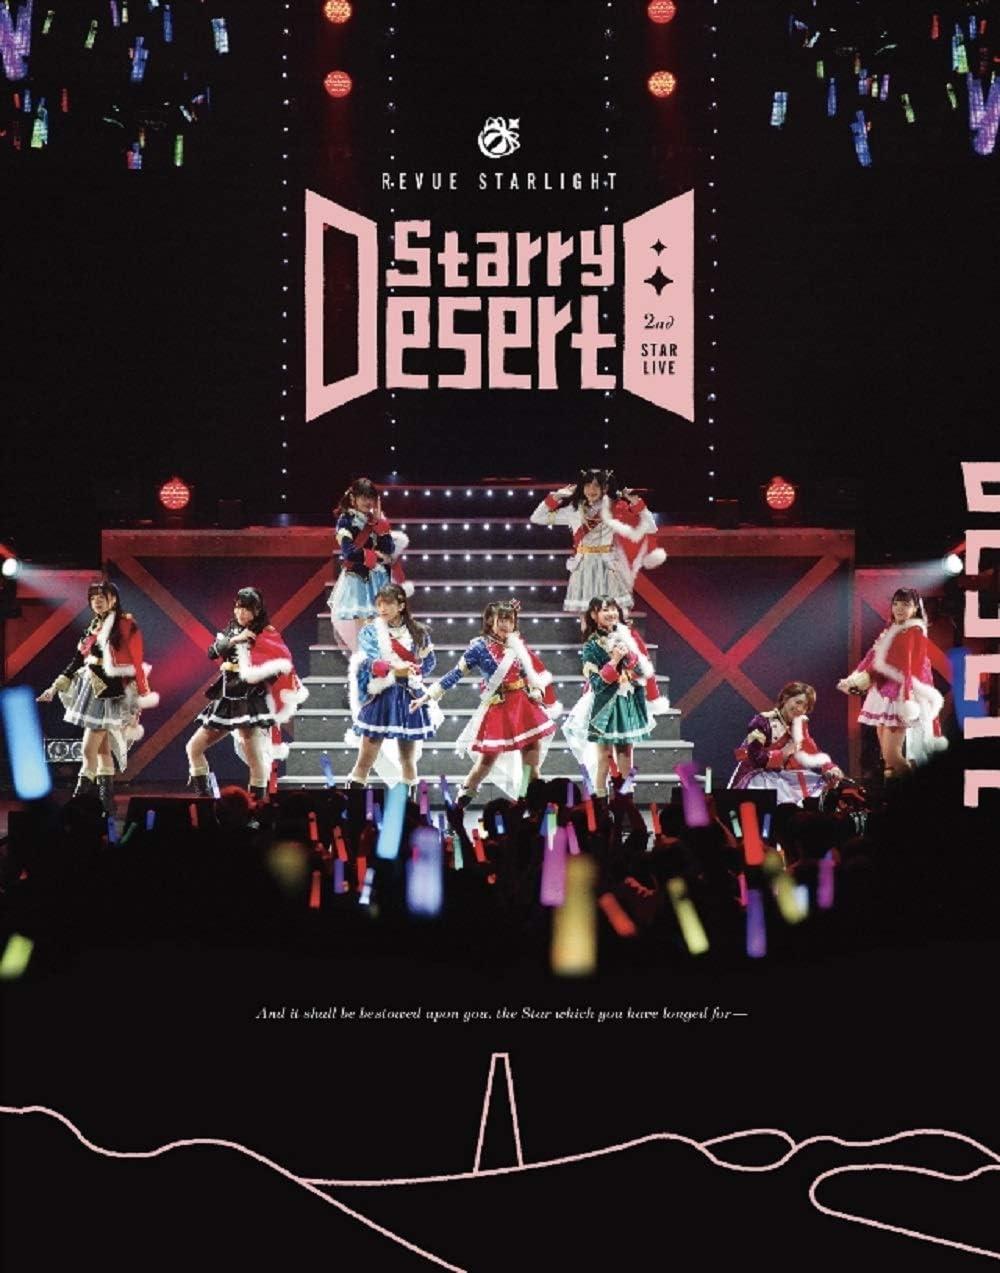 少女☆歌劇 レヴュースタァライト 2ndスタァライブ Starry Desert Blu-ray